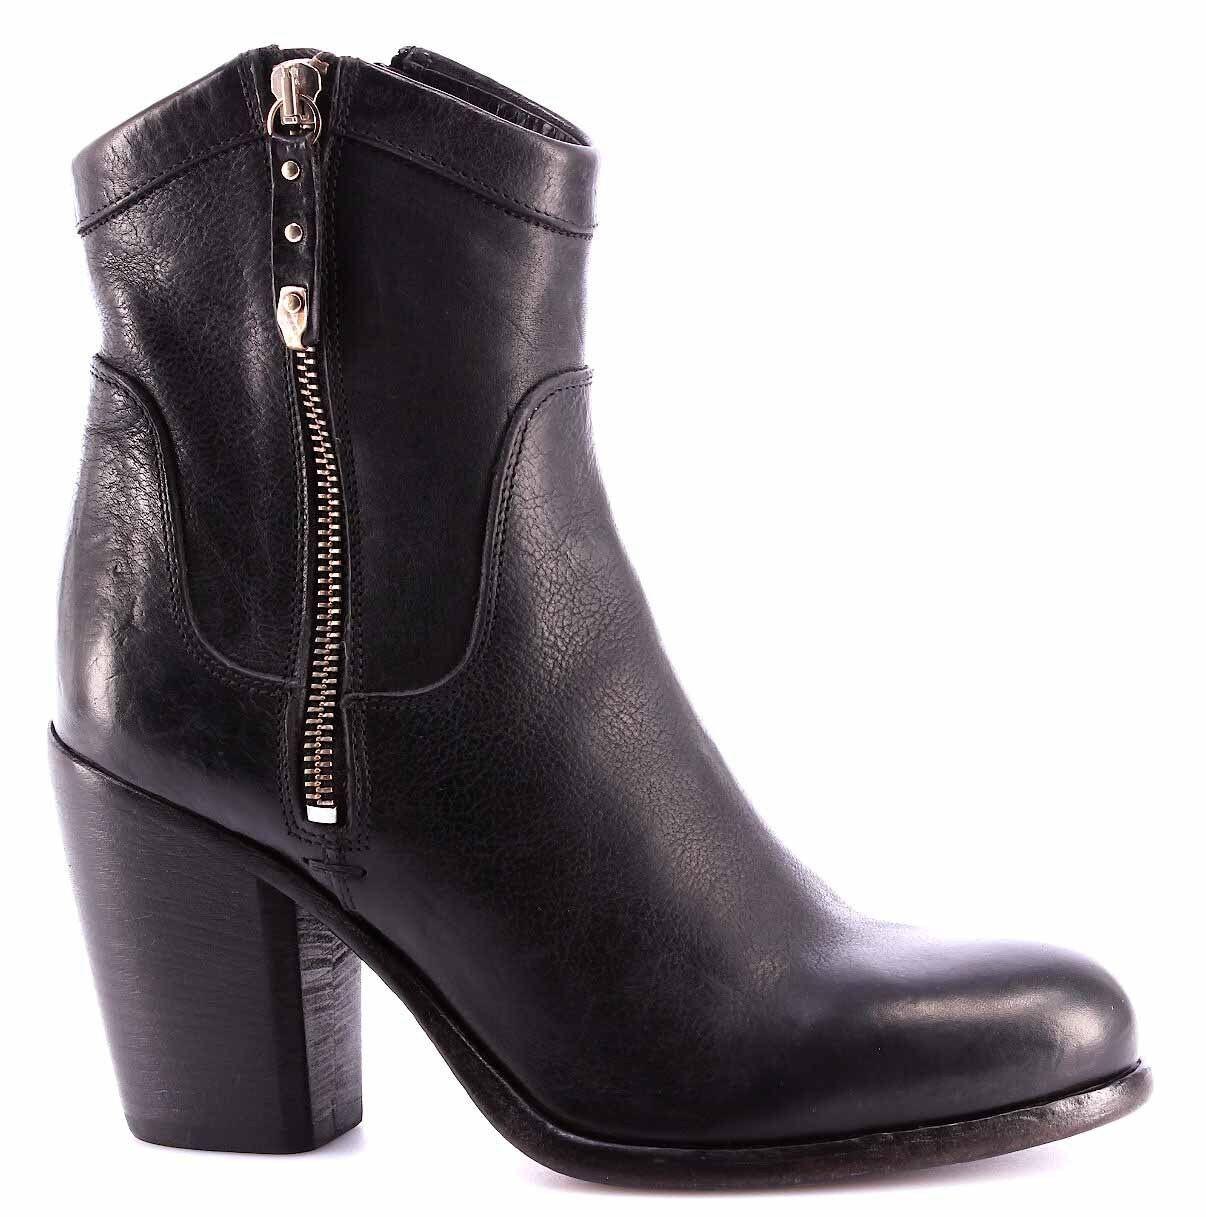 Damen Schuhe Stiefeletten MOMA 91503-4A Cusna schwarz Schwarz Vintage Made IT Neu